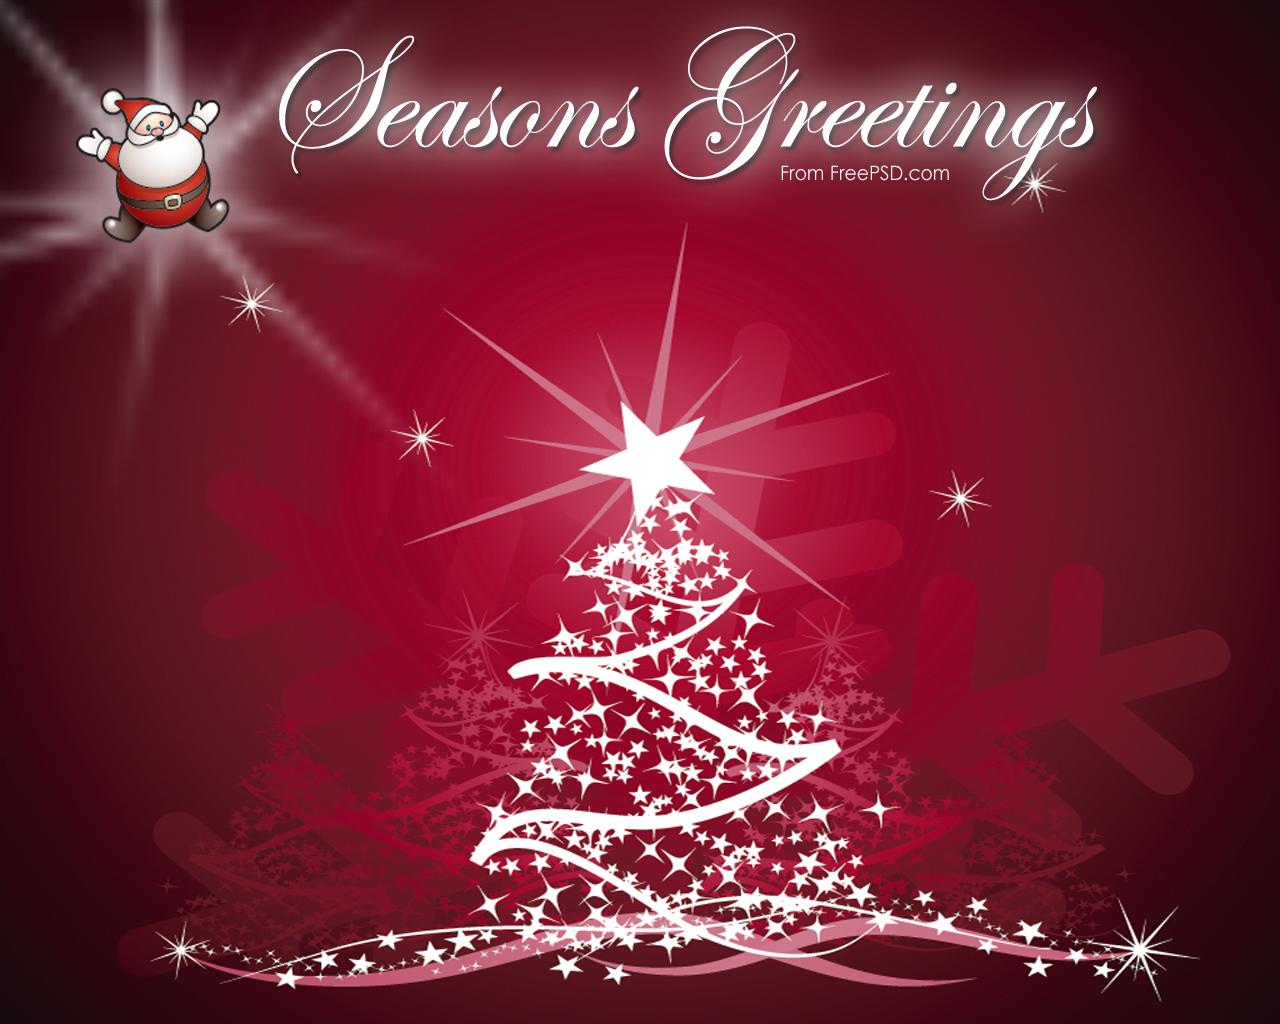 http://4.bp.blogspot.com/-Jzy2m0rZK-Q/UL23Can0pYI/AAAAAAAAKUg/OcorXvZLc_s/s1600/Free-Christmas-wallpaper-19.jpg